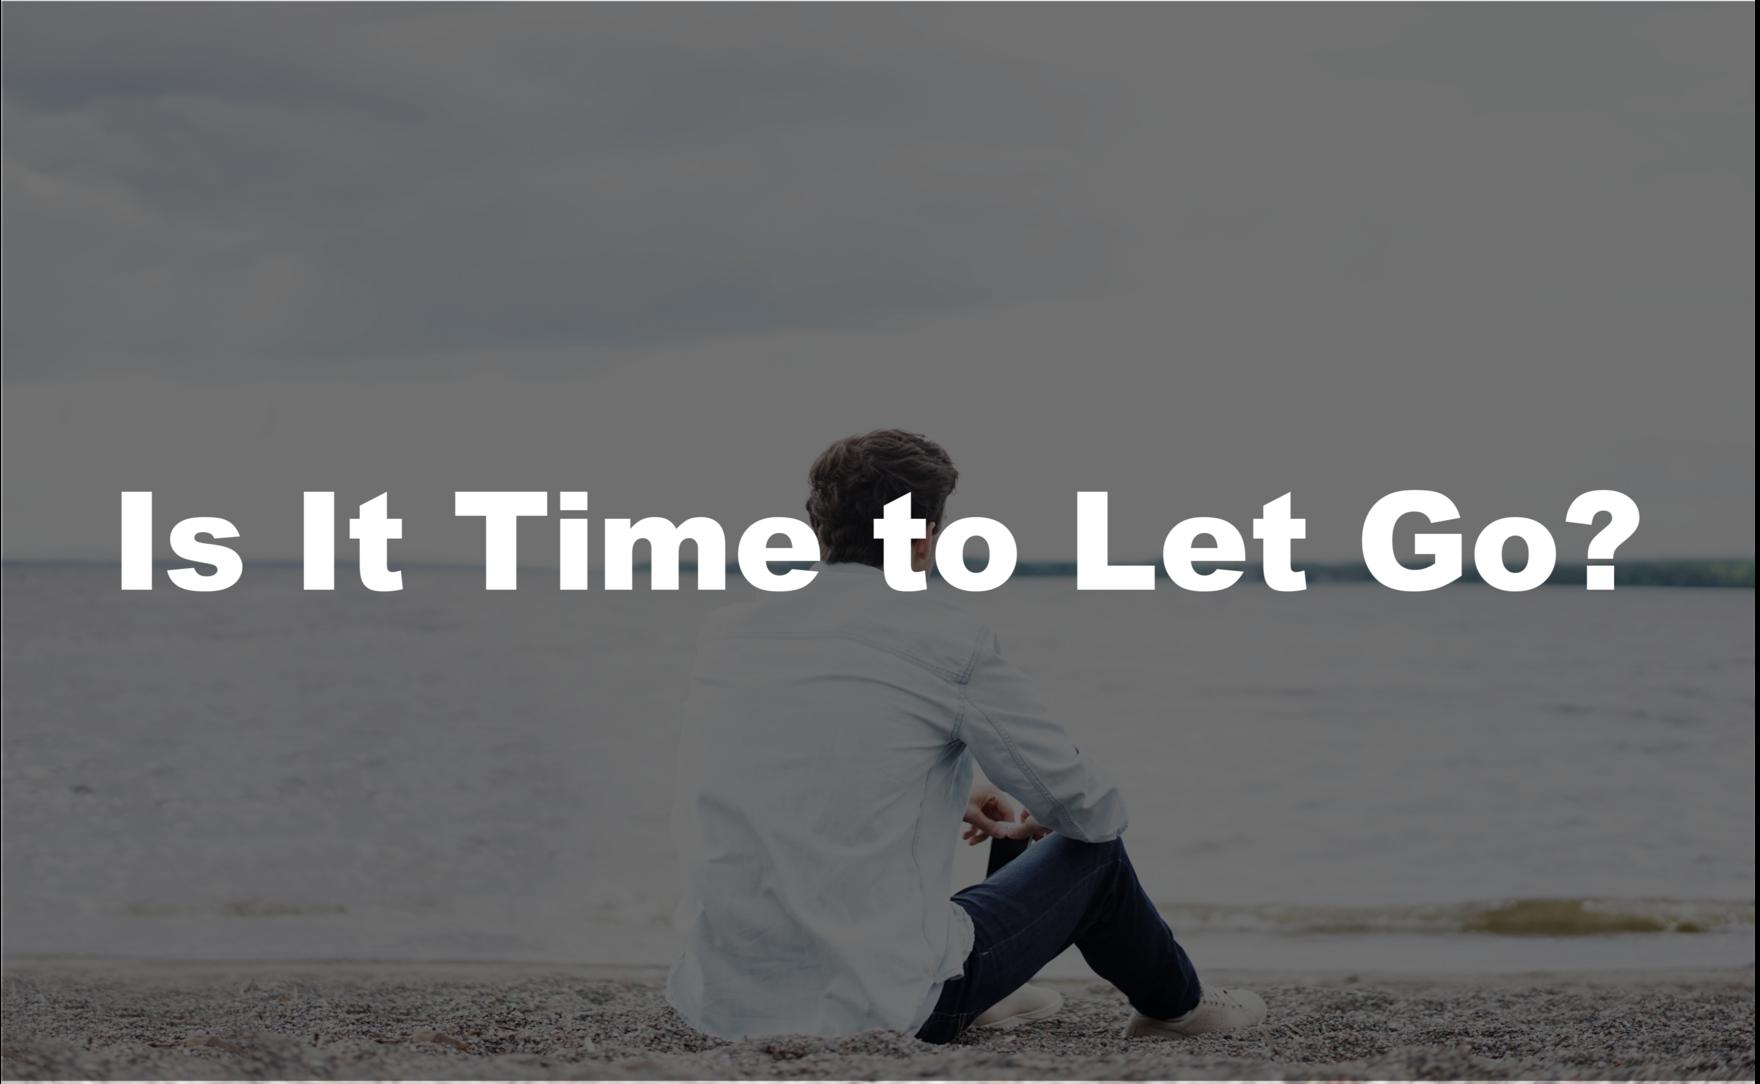 Let go.png